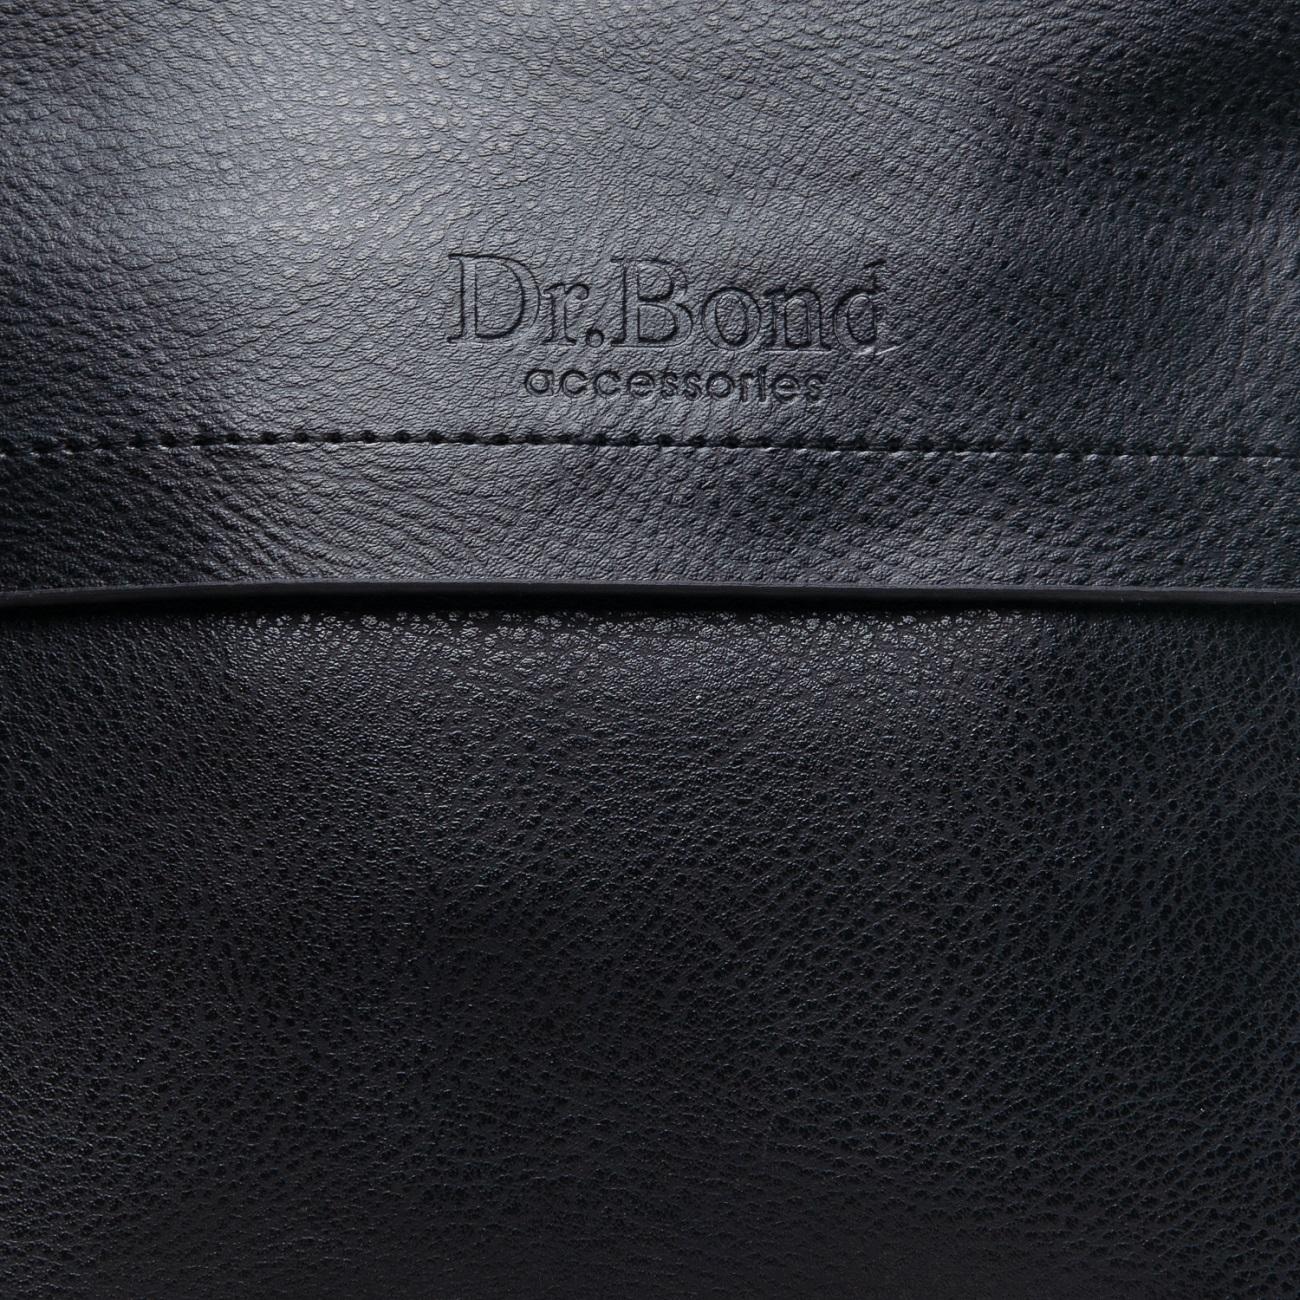 Сумка Мужская Планшет иск-кожа DR. BOND GL 206-3 black - фото 3